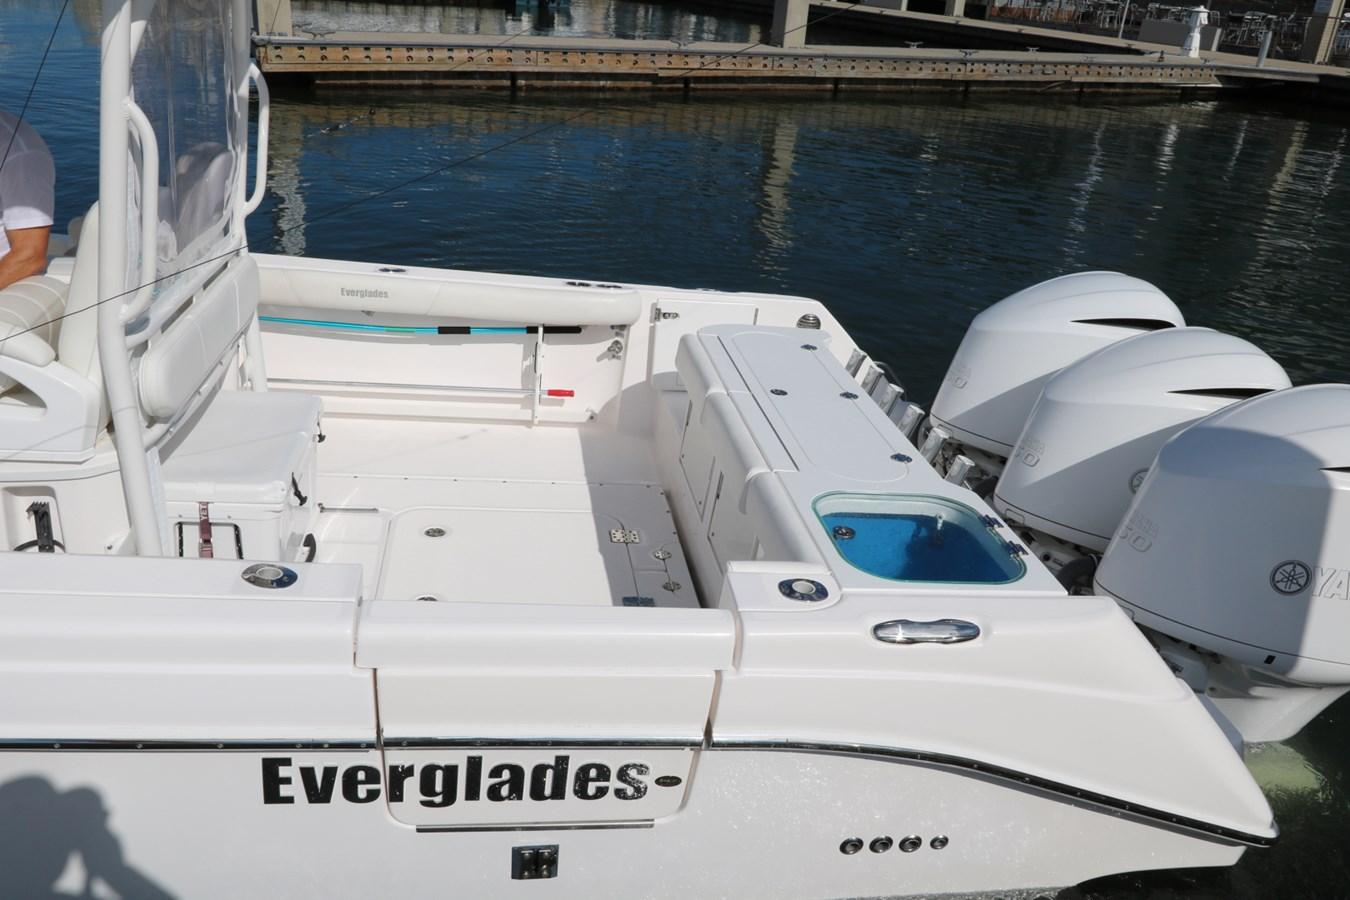 2015 Everglades 350LX 2015 EVERGLADES 350LX Walkaround 2743766